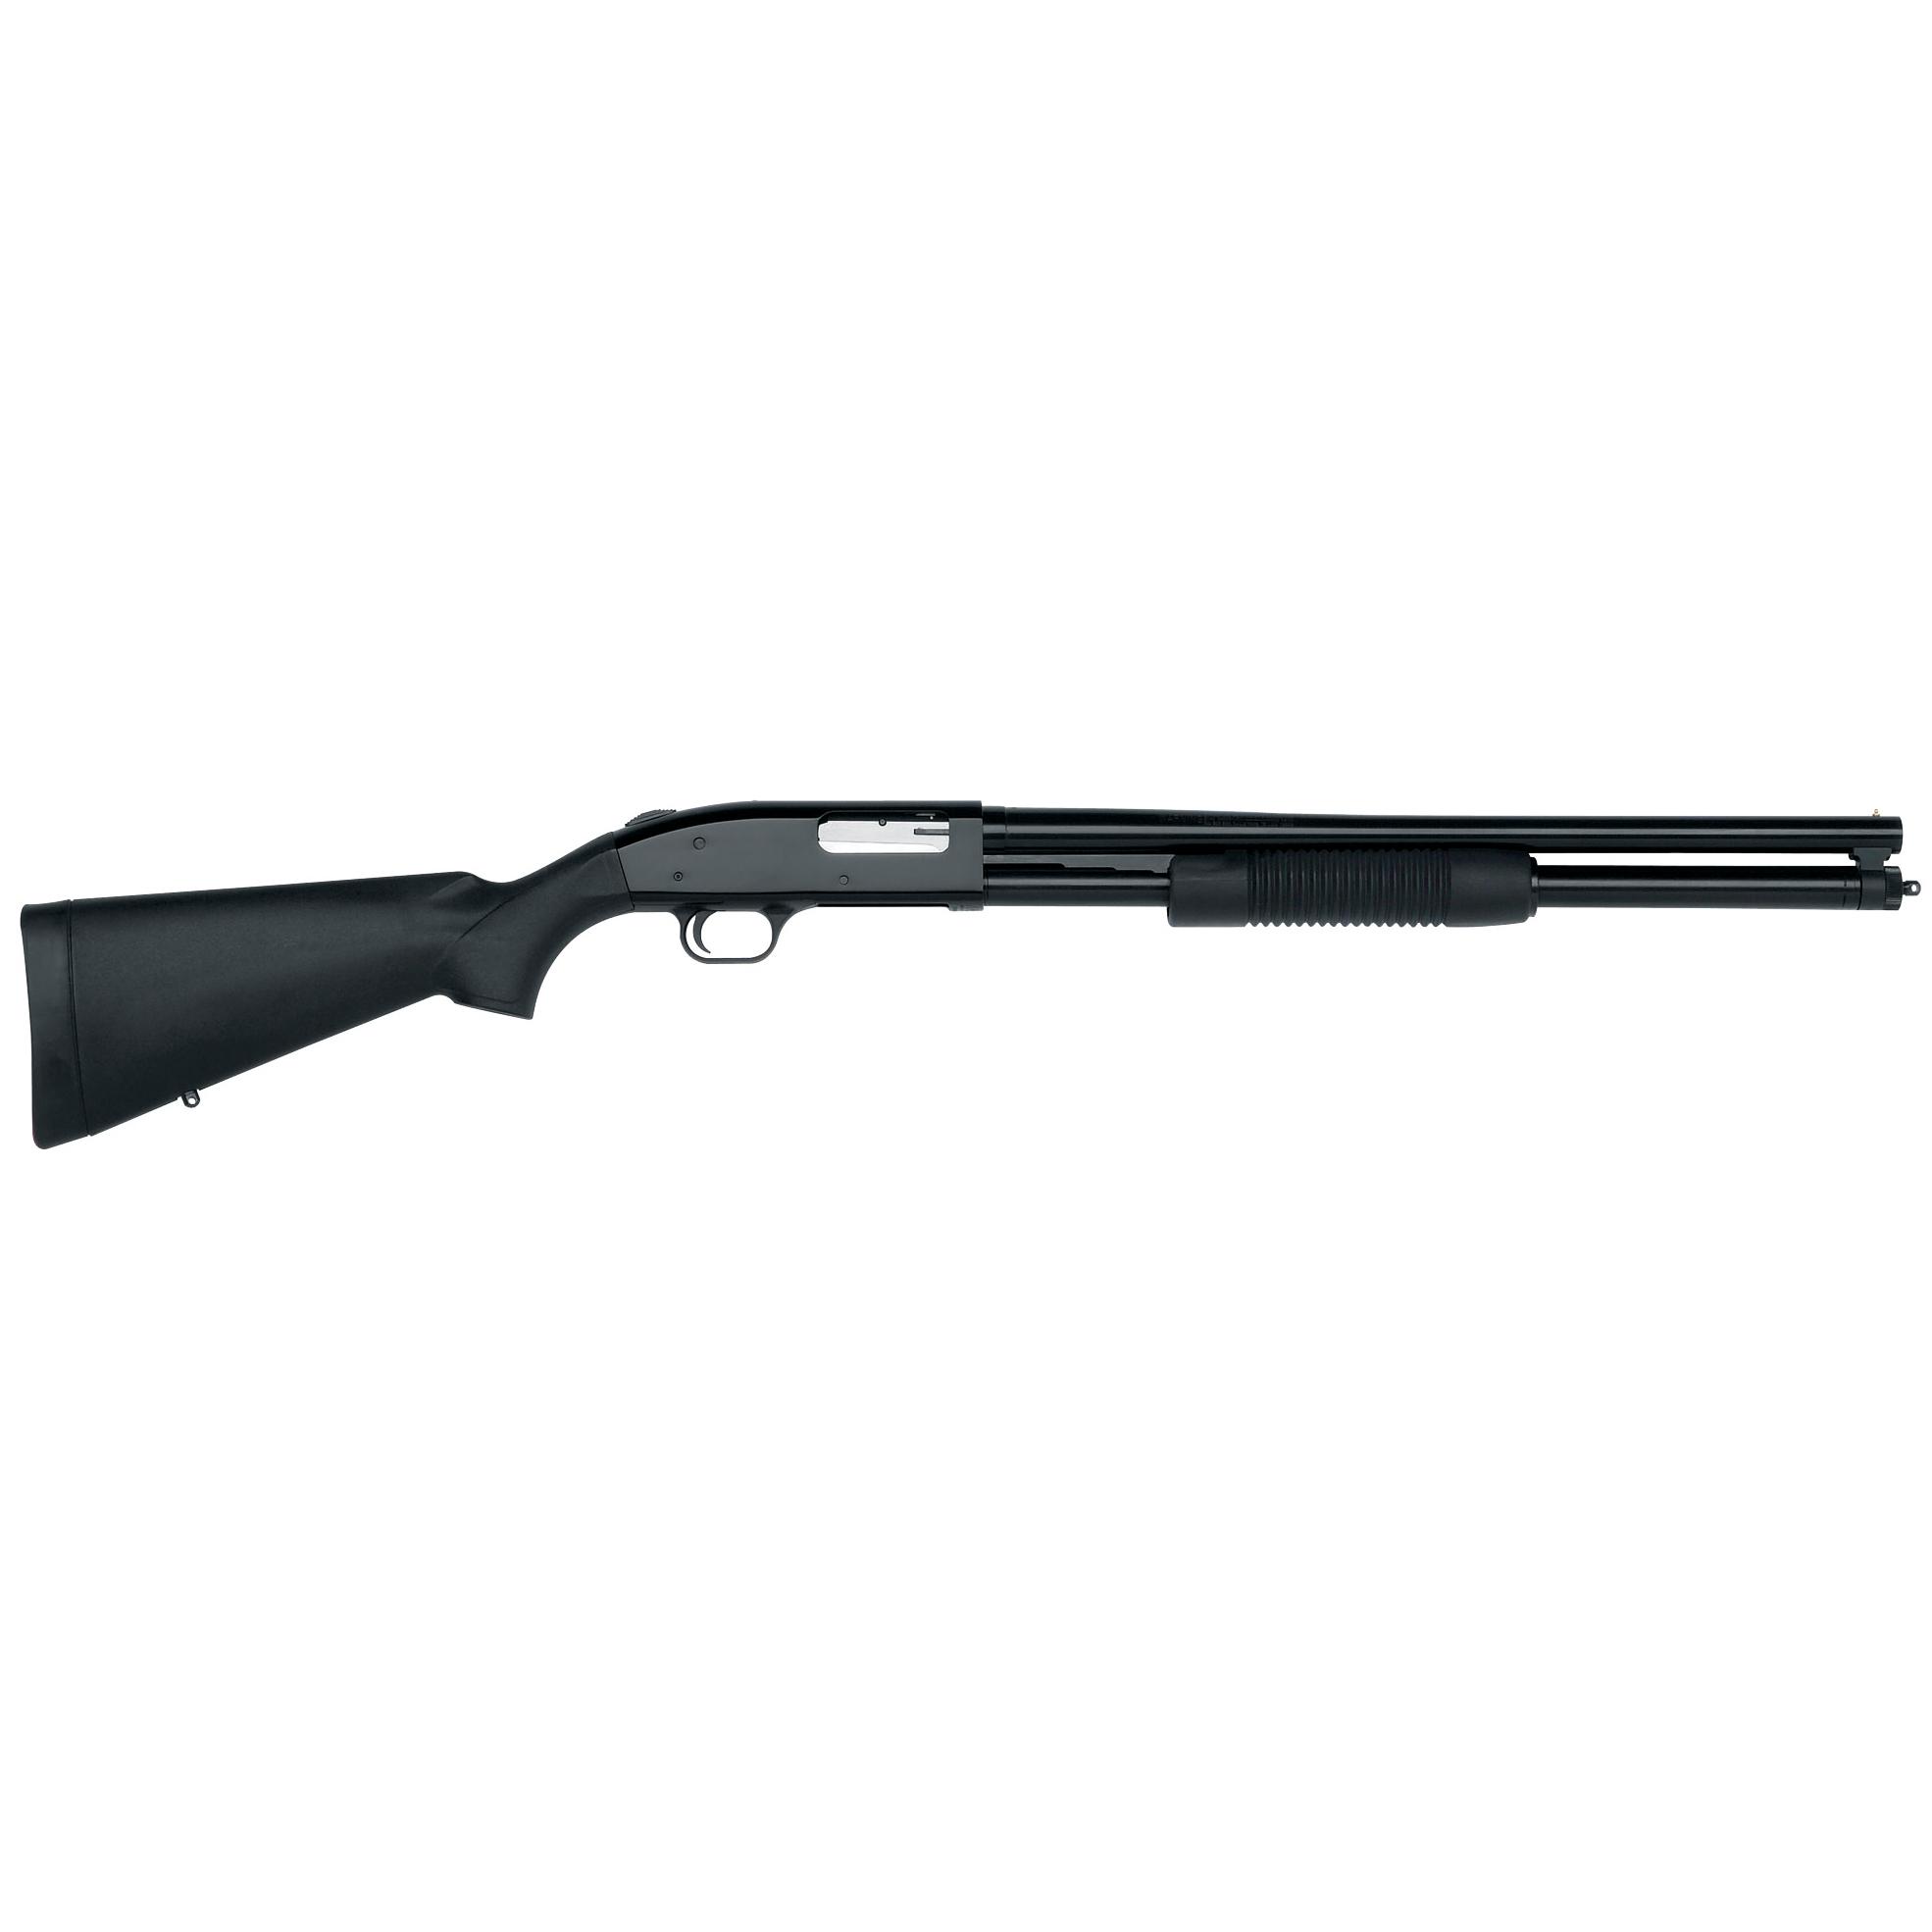 Mossberg 500 Tactical 8-Shot Shotgun, Blued